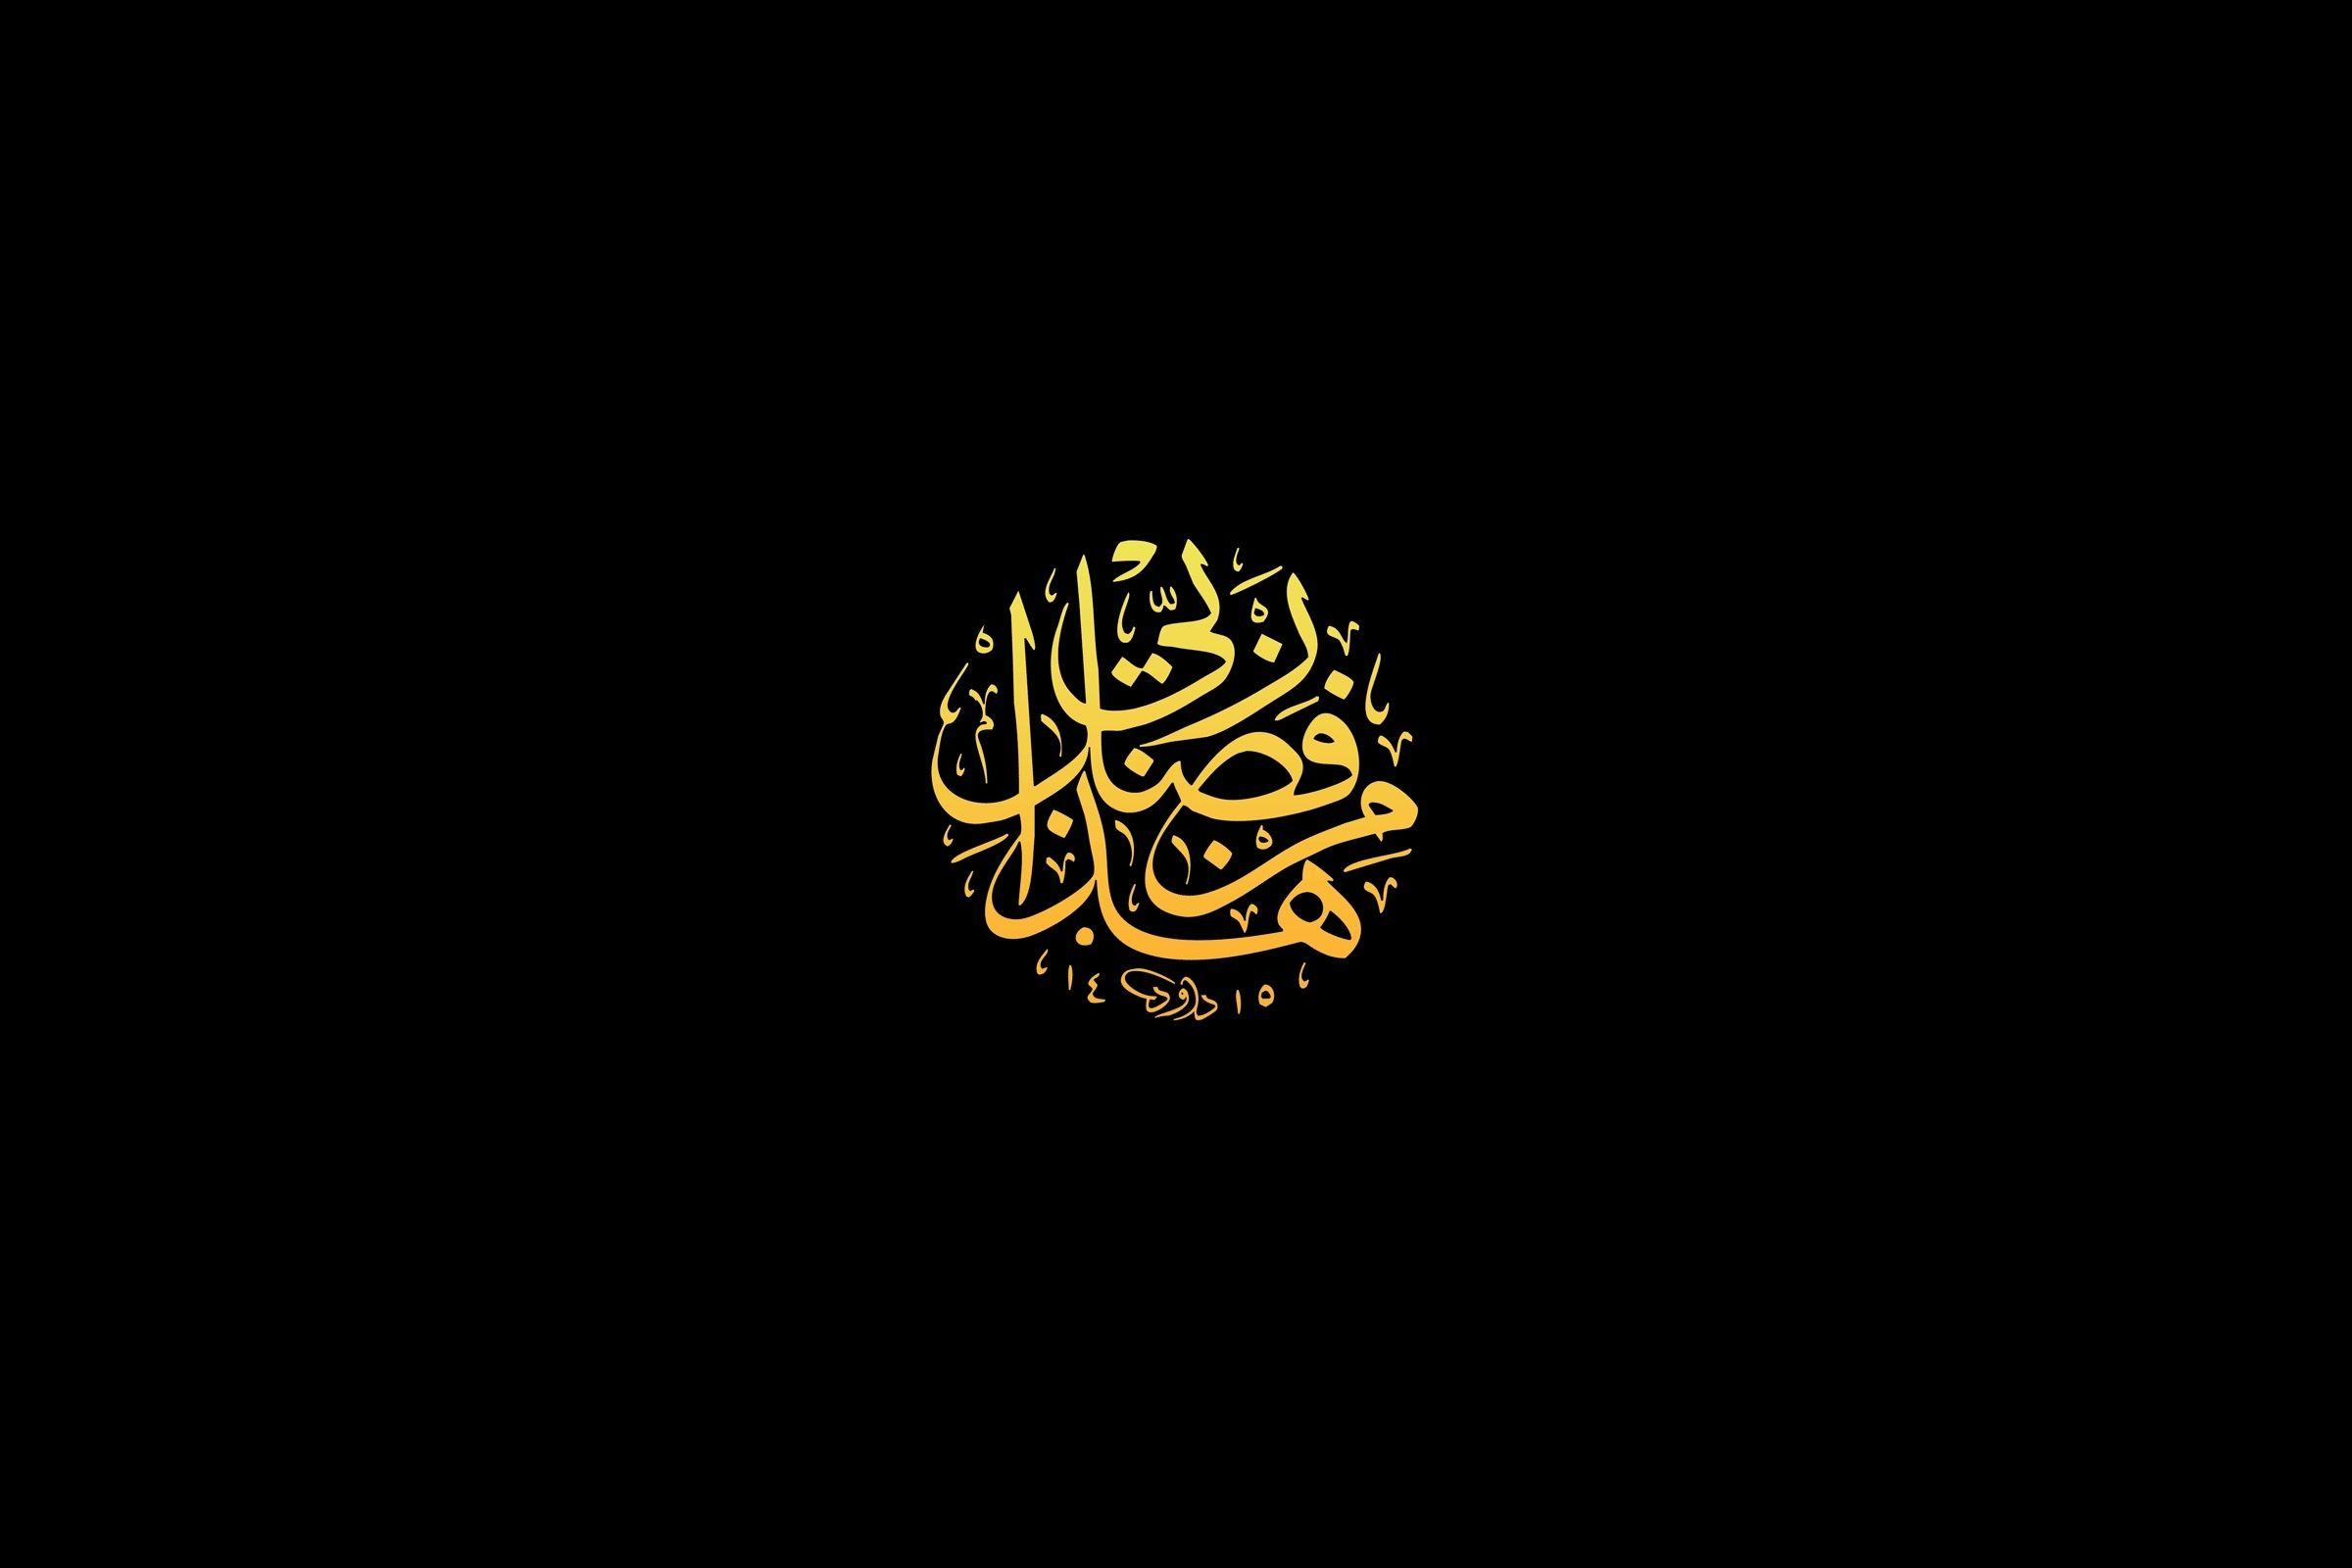 هذا من فضل ربي Islamic Wallpaper Islamic Wallpaper Hd Wallpaper Quotes